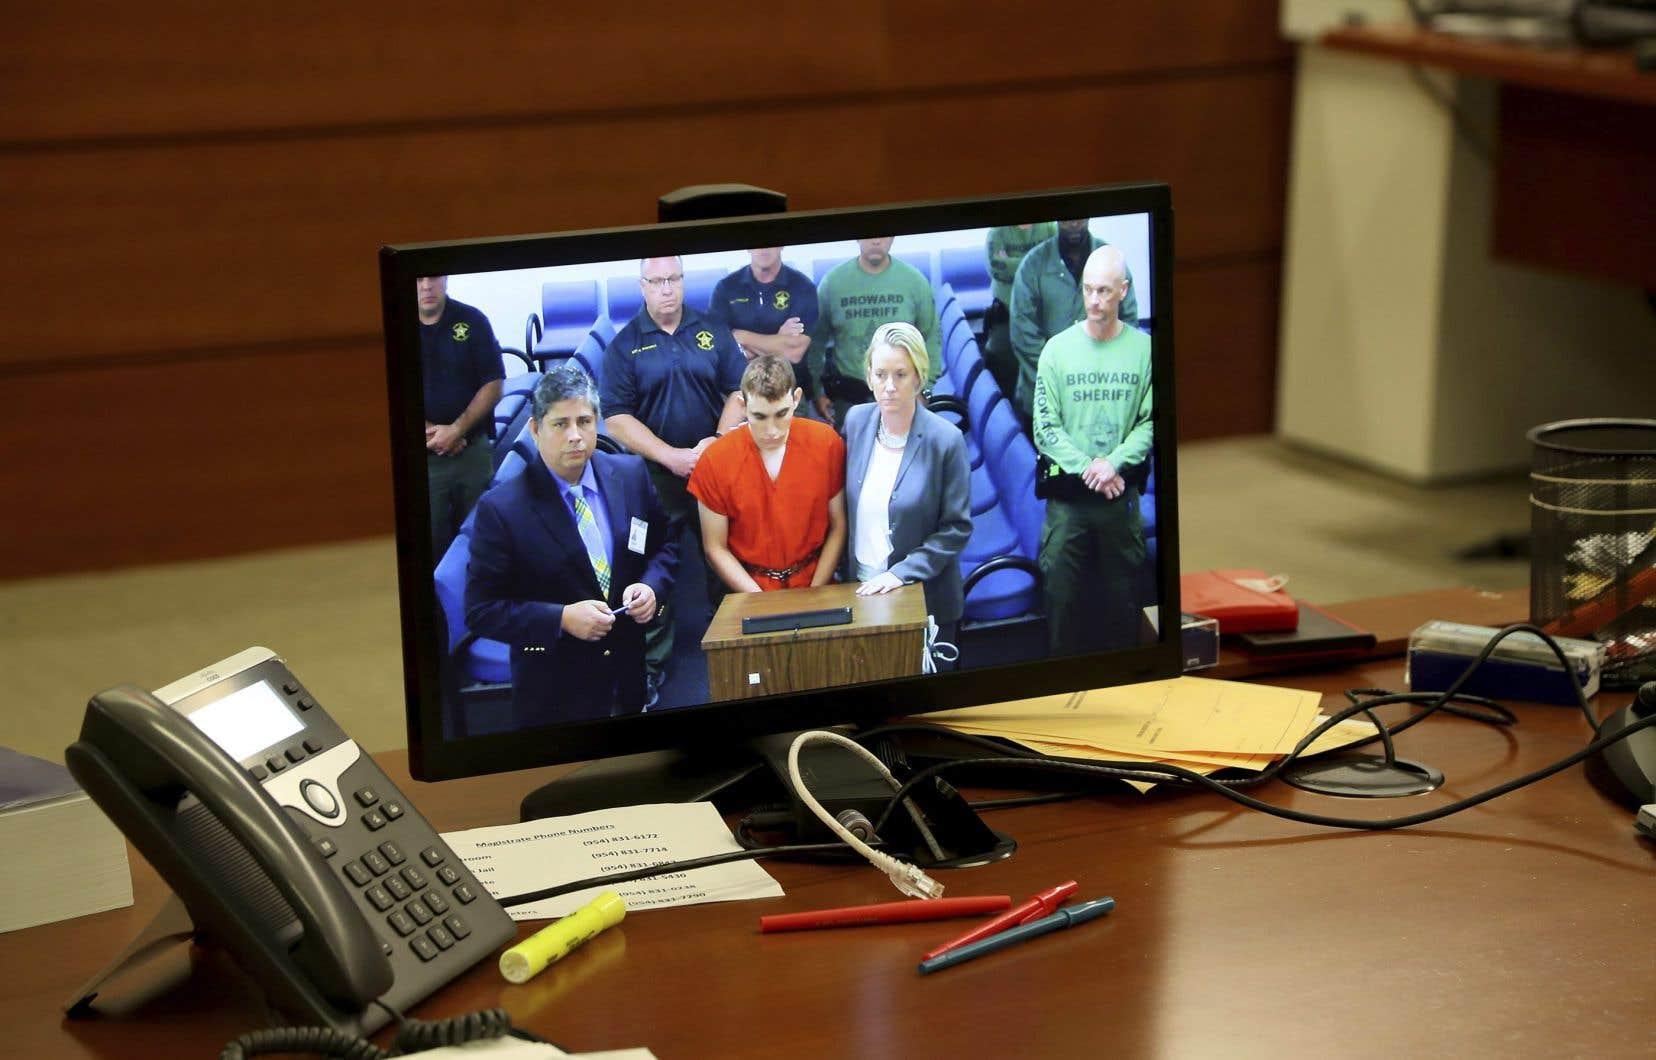 Après une nuit d'interrogatoire par la police, l'auteur de l'attaque, Nikolas Cruz, s'est présenté devant le juge vêtu de la traditionnelle combinaison orange de détenu.